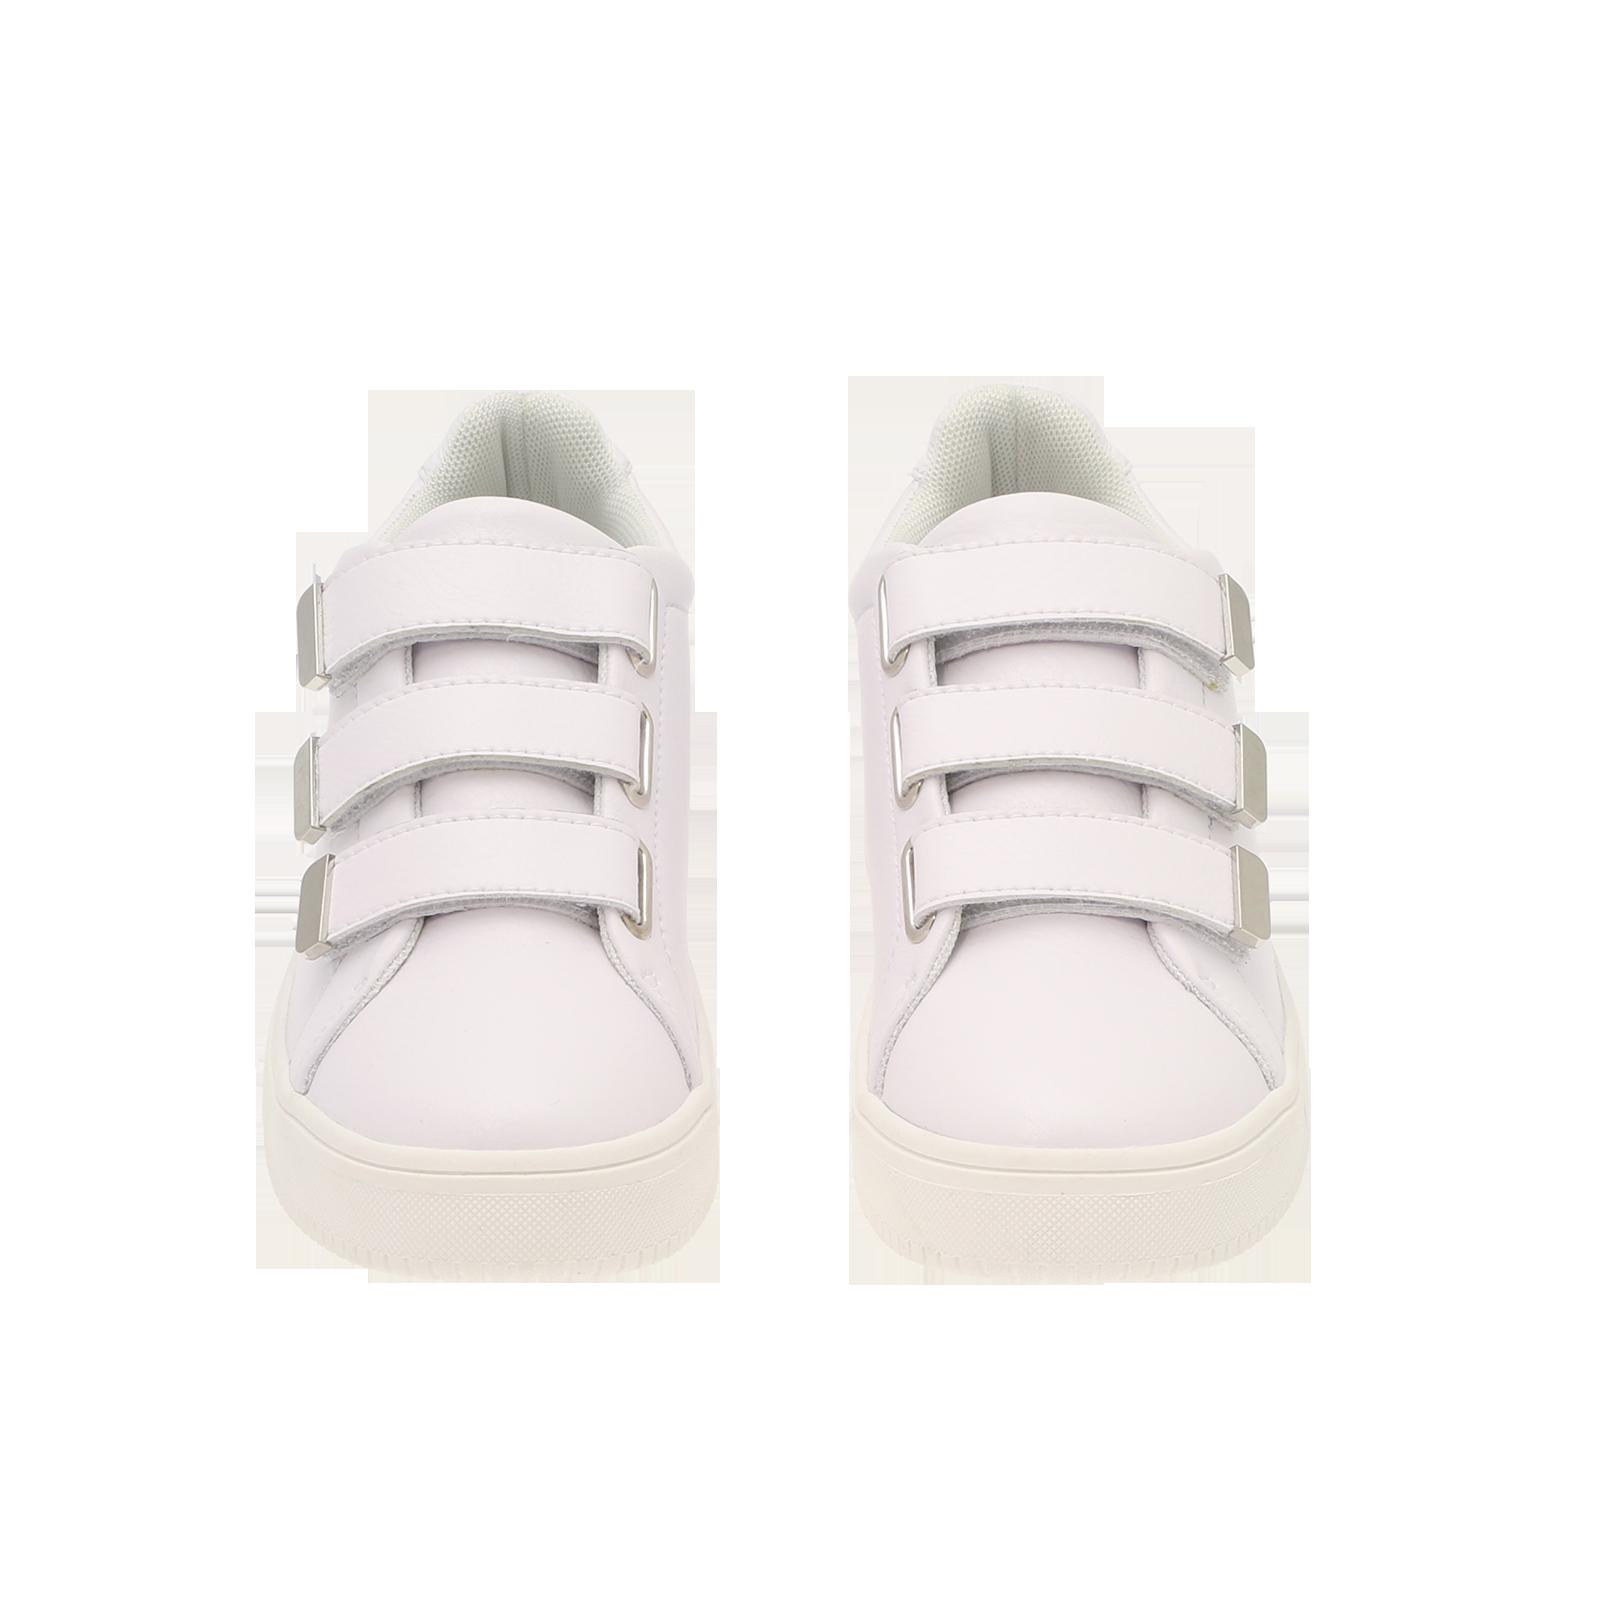 hvite sko med borrelås